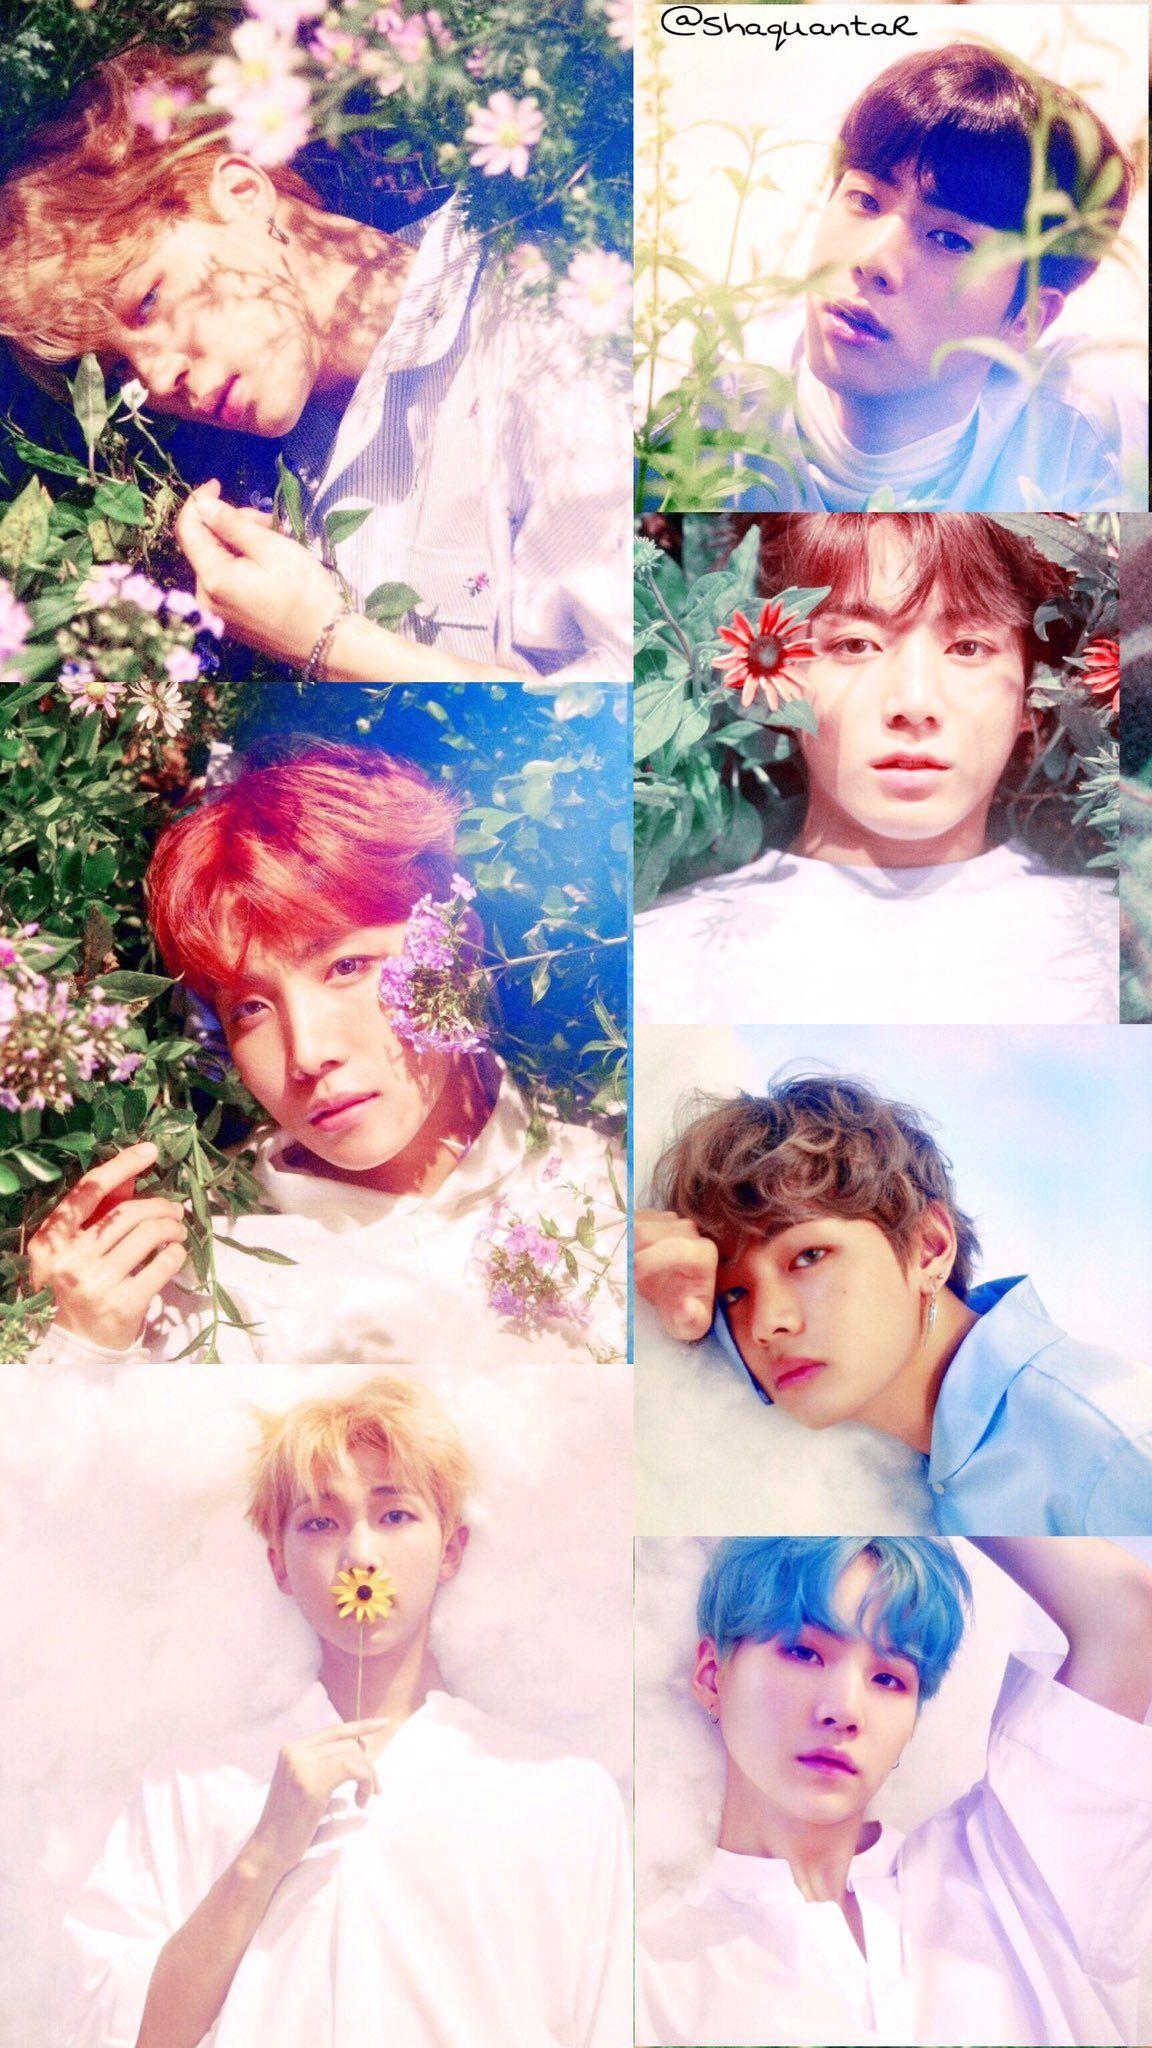 Jungkook Wallpaper Iphone Bts Wallpaper Twitter Search Namjoon Oppas Bts și Kpop